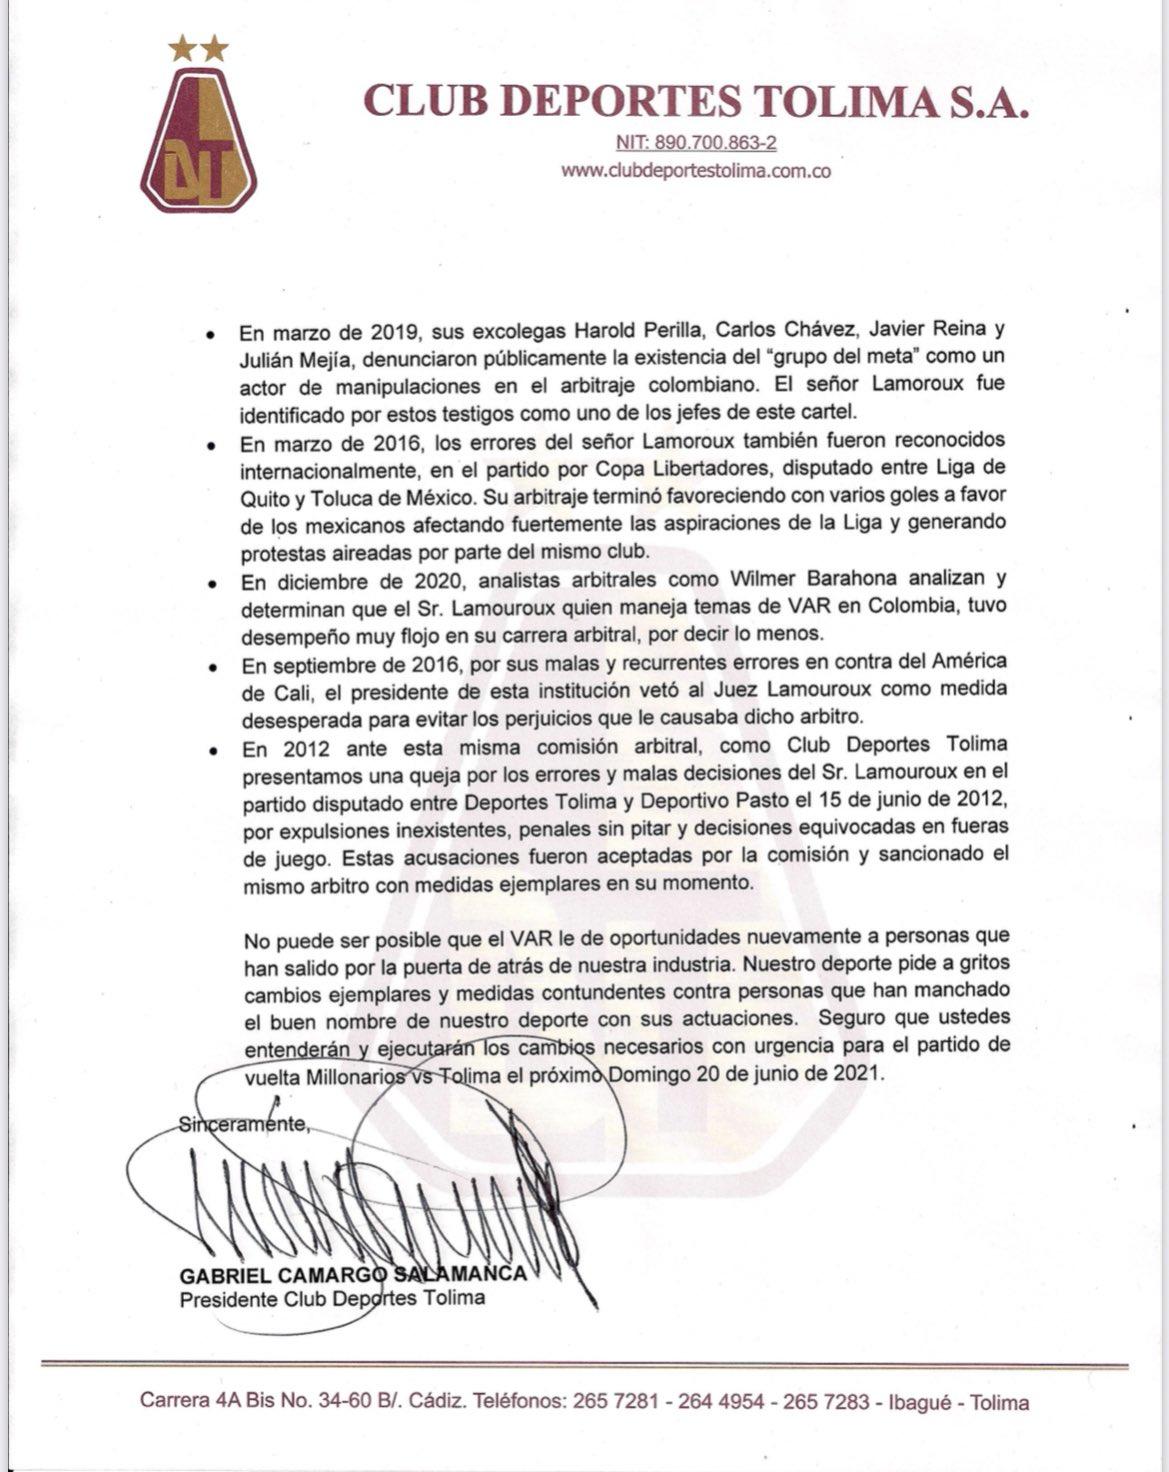 Carta Deportes Tolima